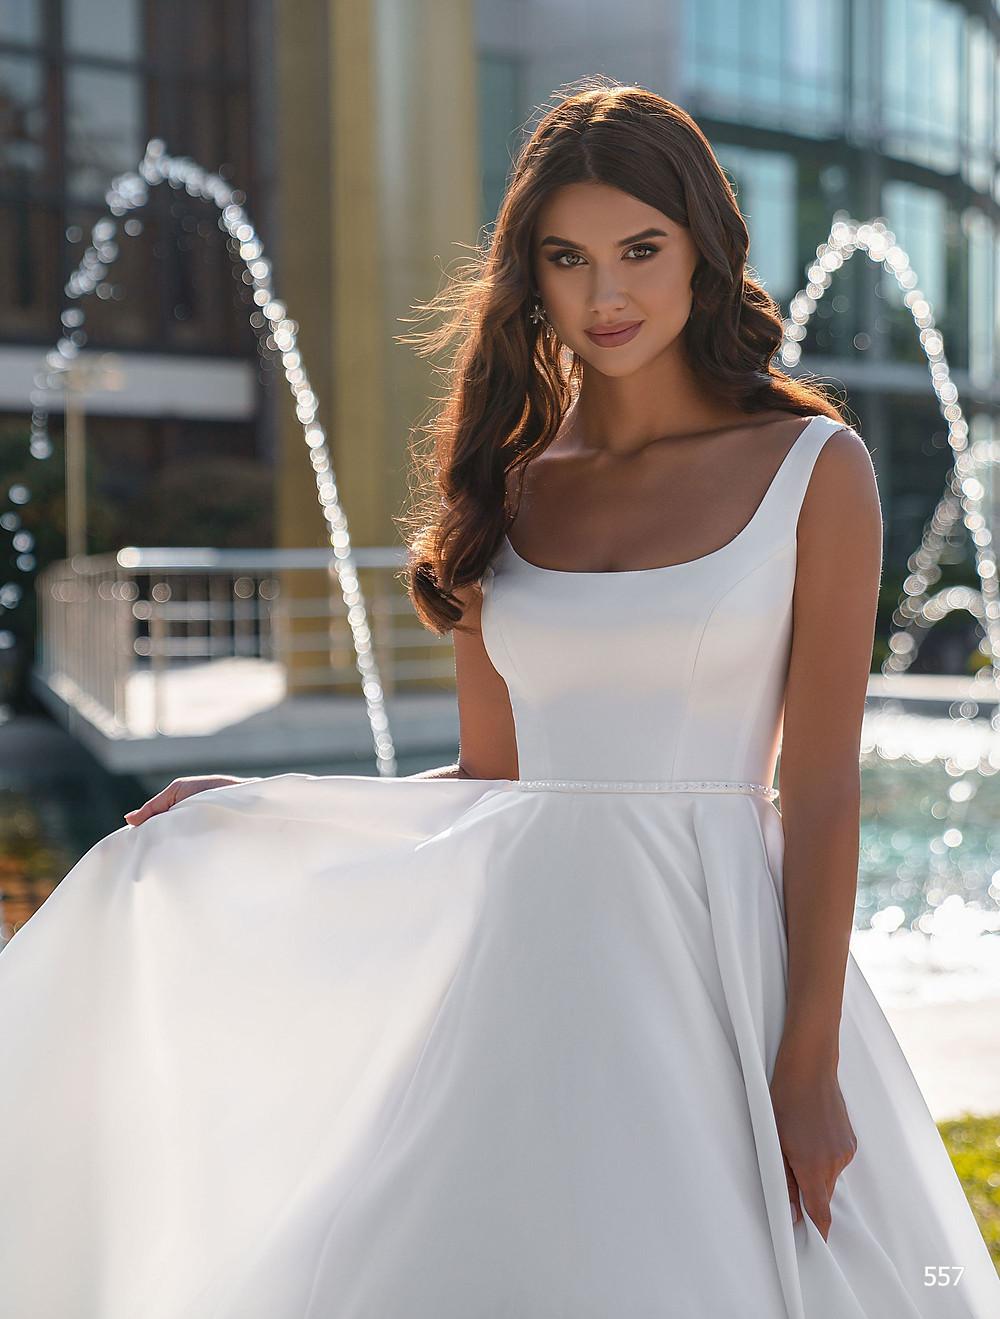 rochii de mireasa simple, rochii de mireasa 2 in 1, rochii de mireasa tip A